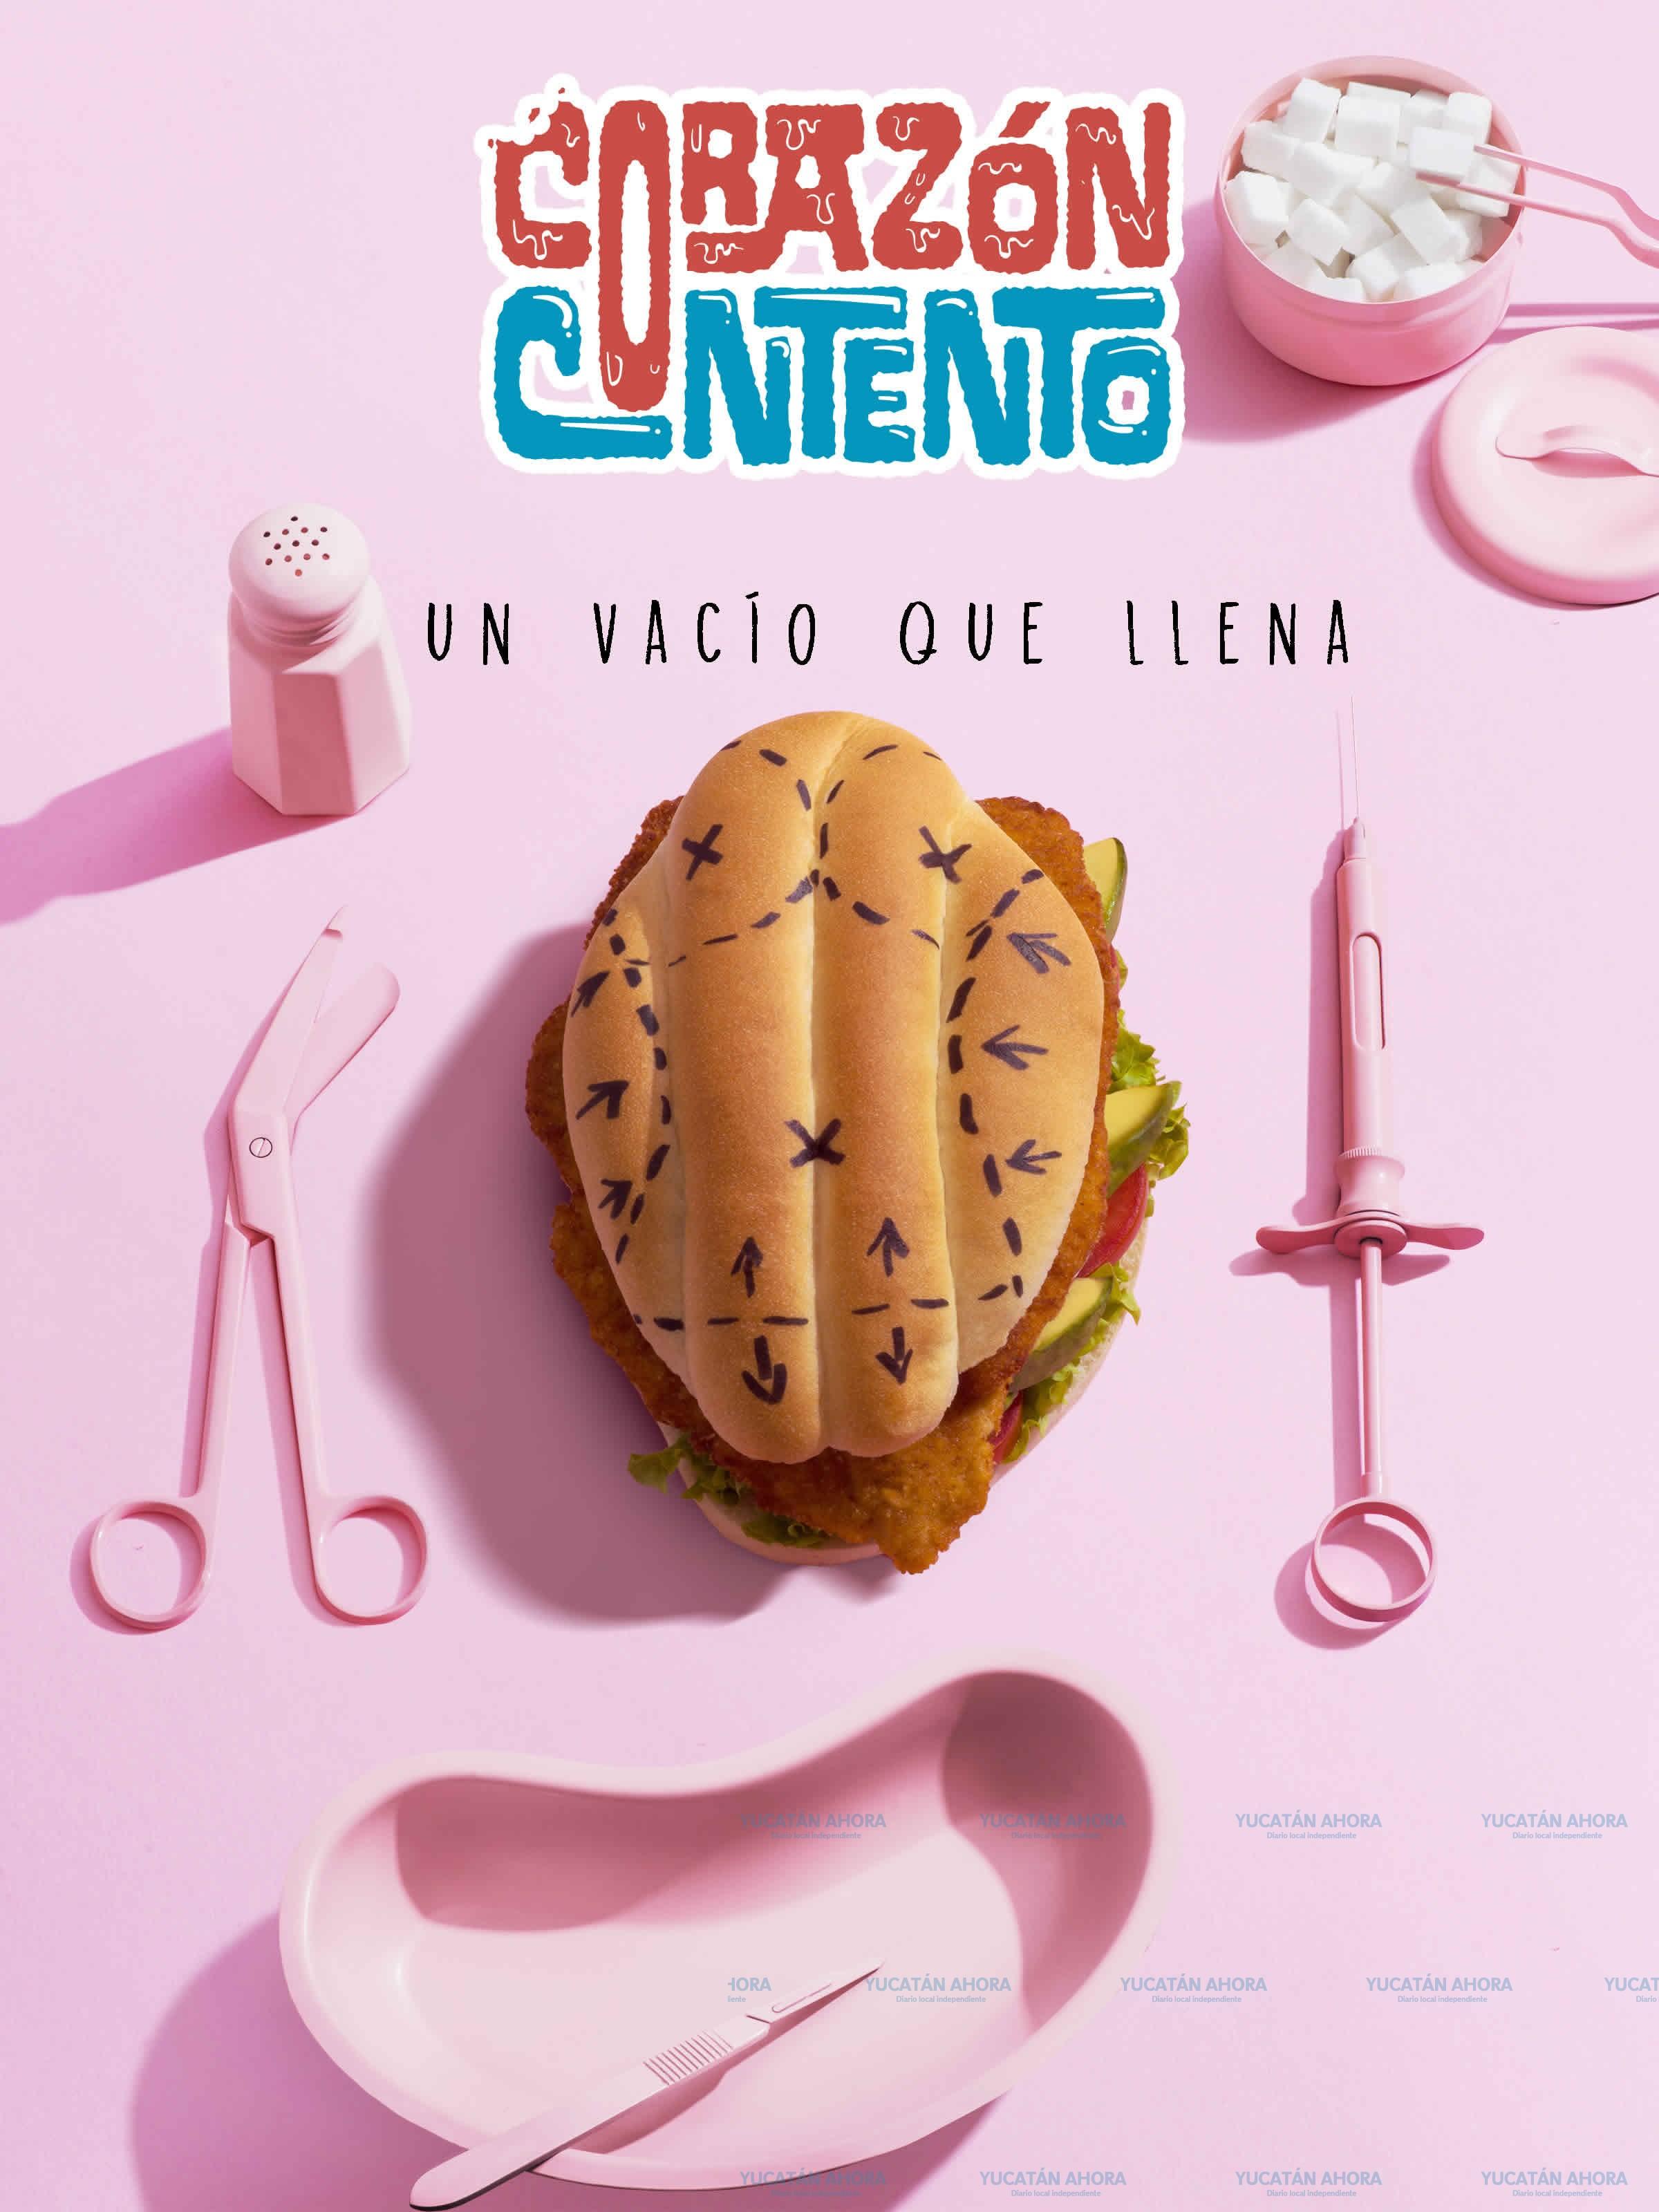 Serie de Amazon aborda malos hábitos alimenticios de una familia en Mérida